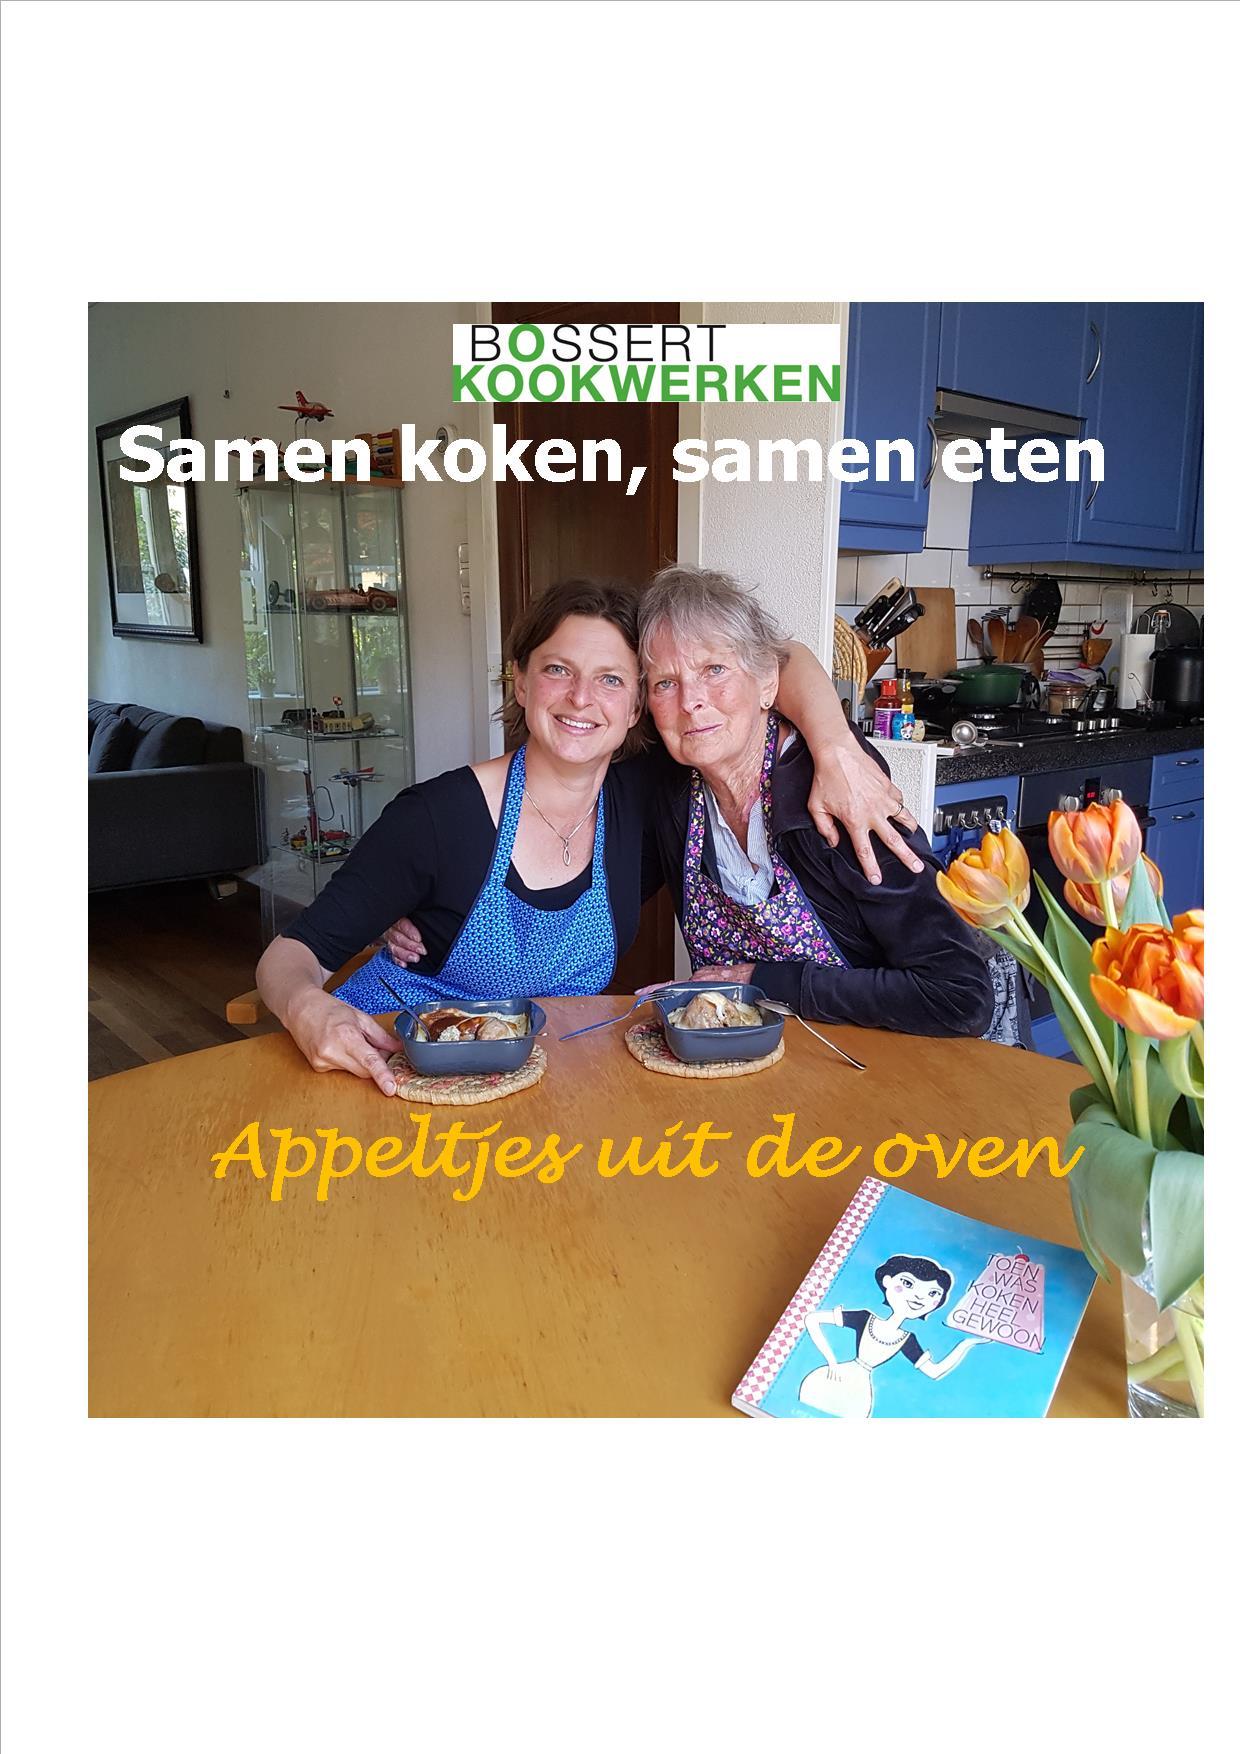 samen koken samen eten - appeltjes uit de oven